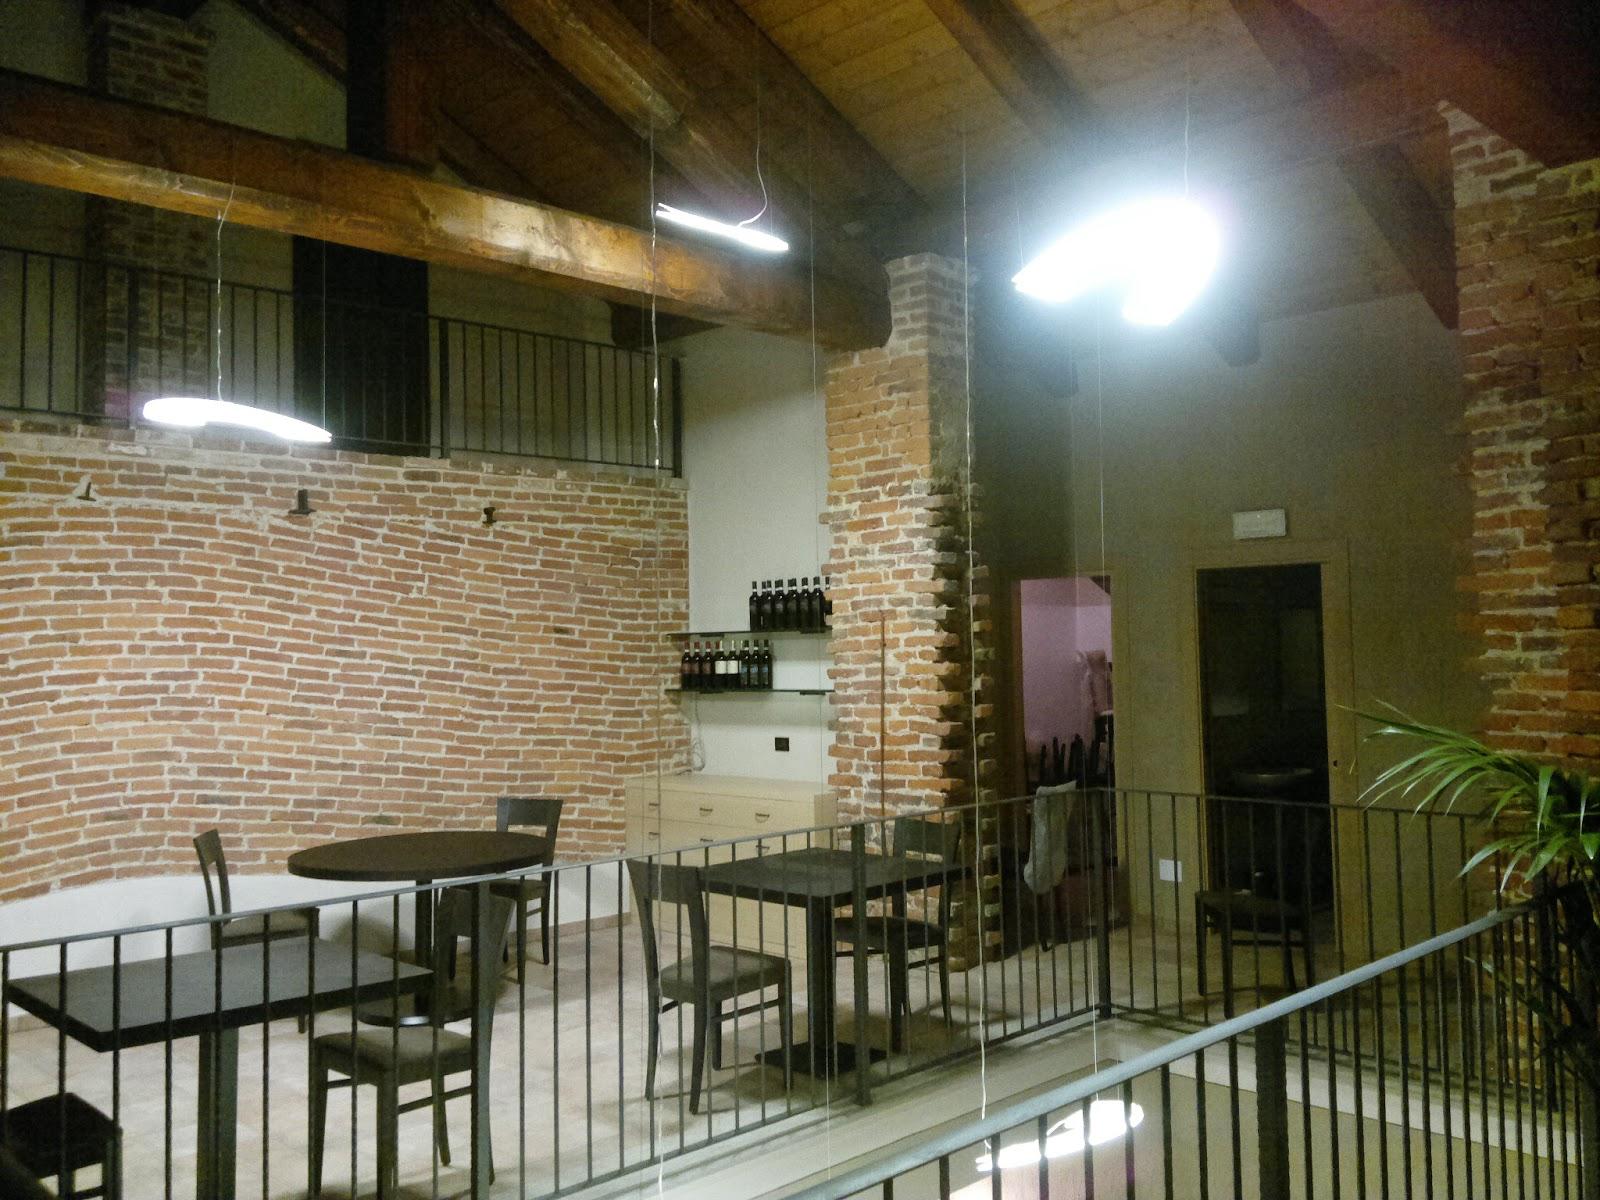 Illuminazione led casa luglio 2015 for Faretti a led per casa